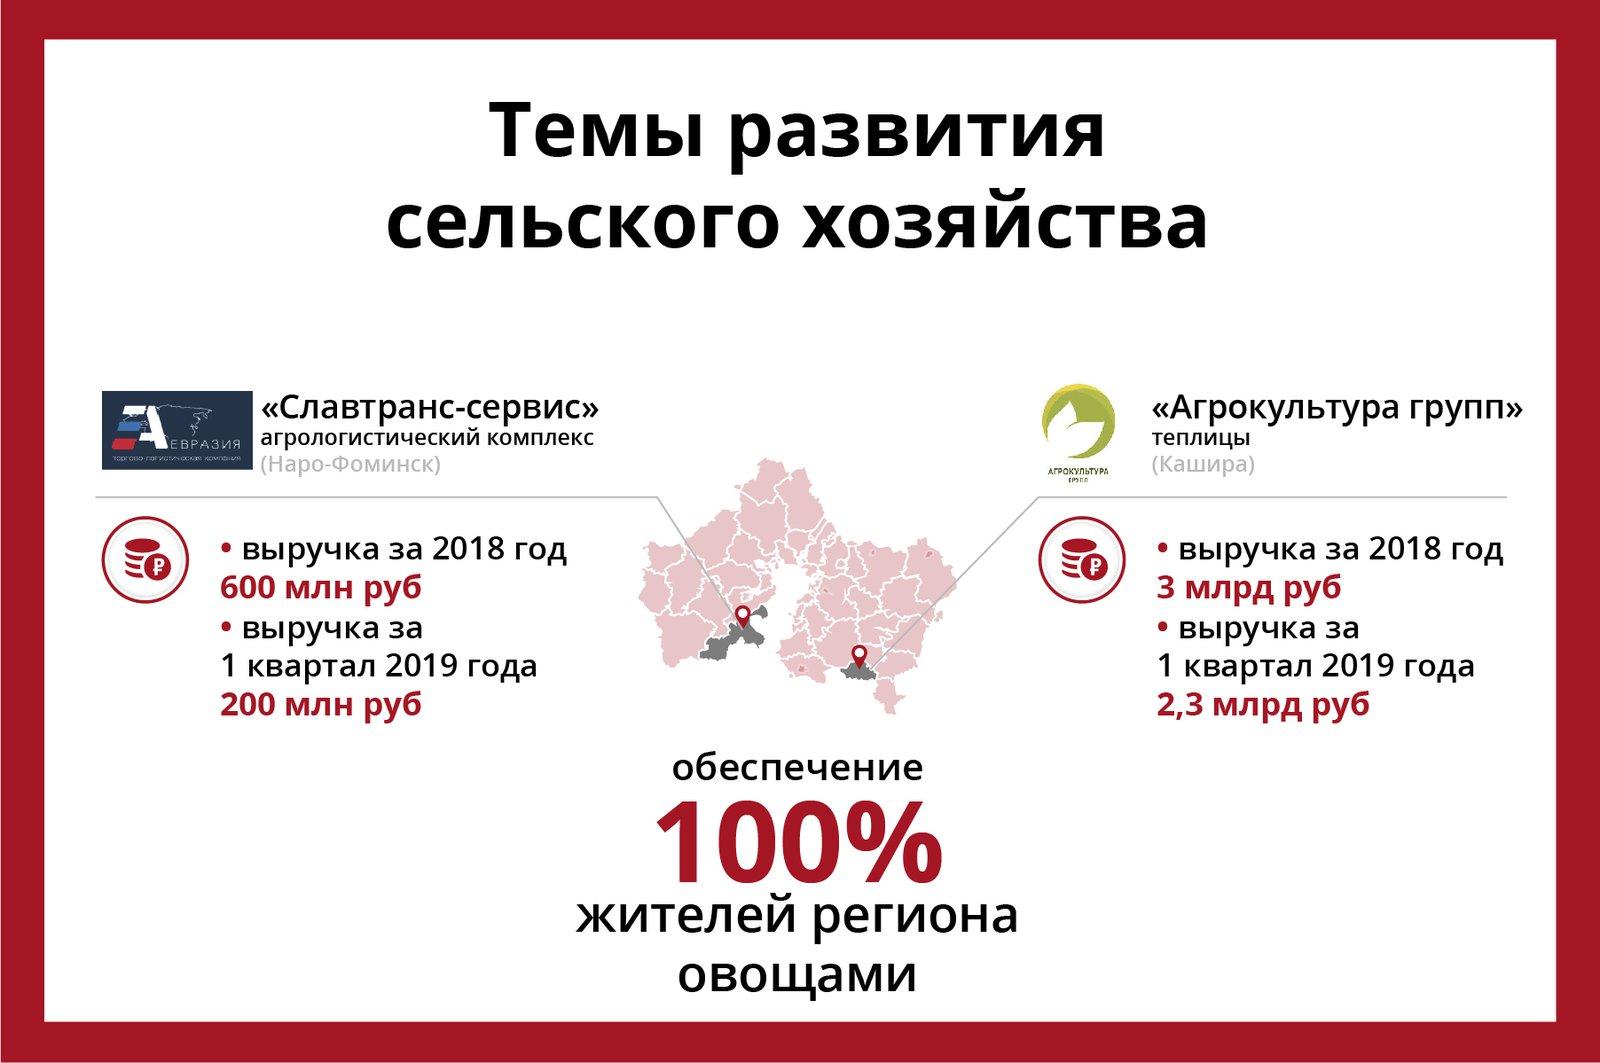 Андрей Воробьев губернатор московской области - ПМЭФ и Подмосковье: зачем мы едем на форум